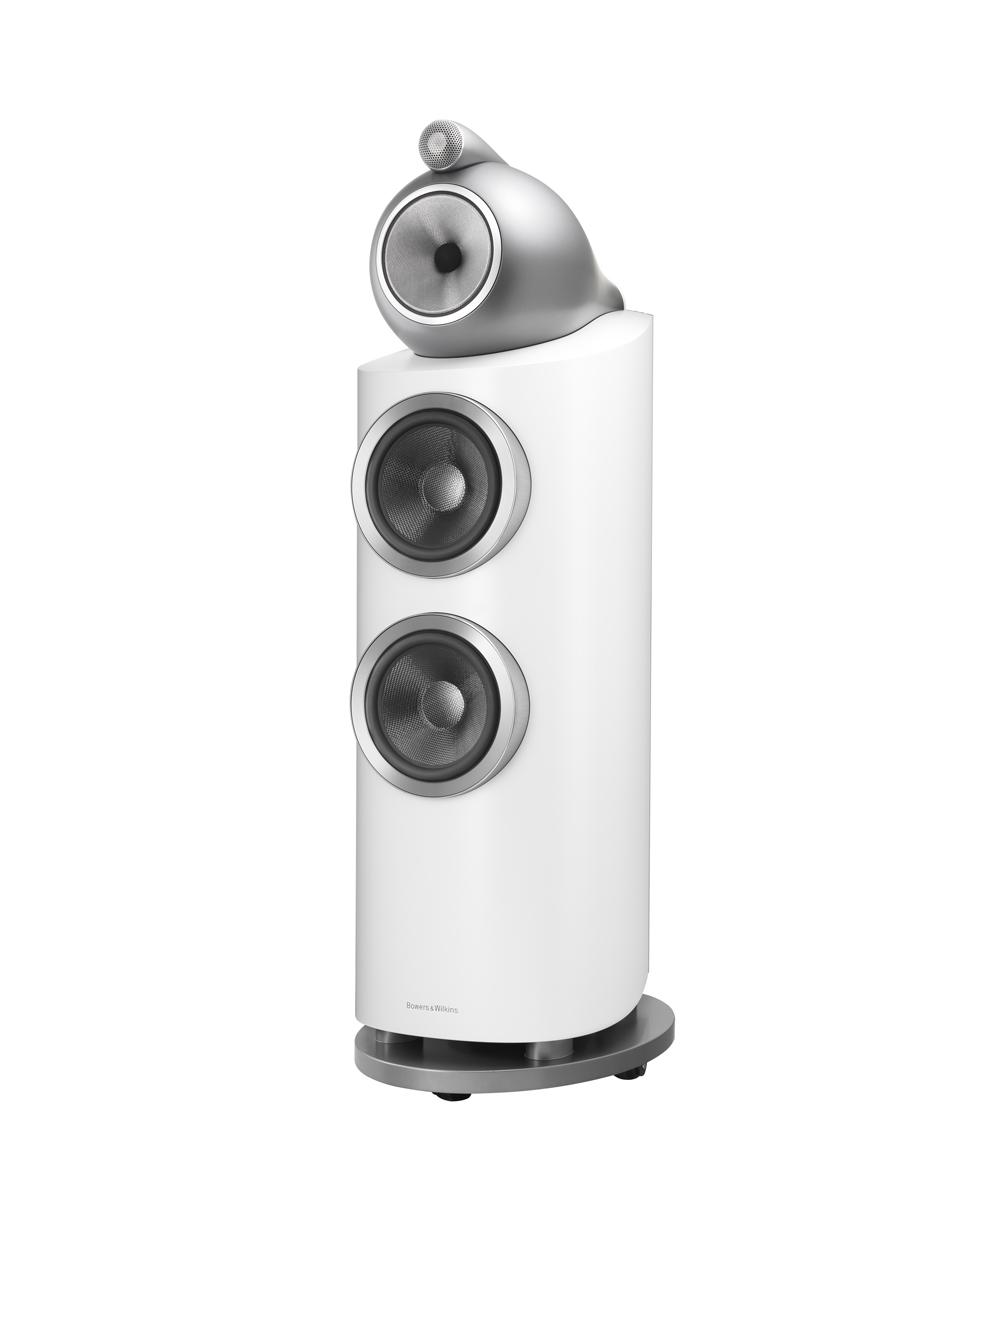 Same speaker, different color.